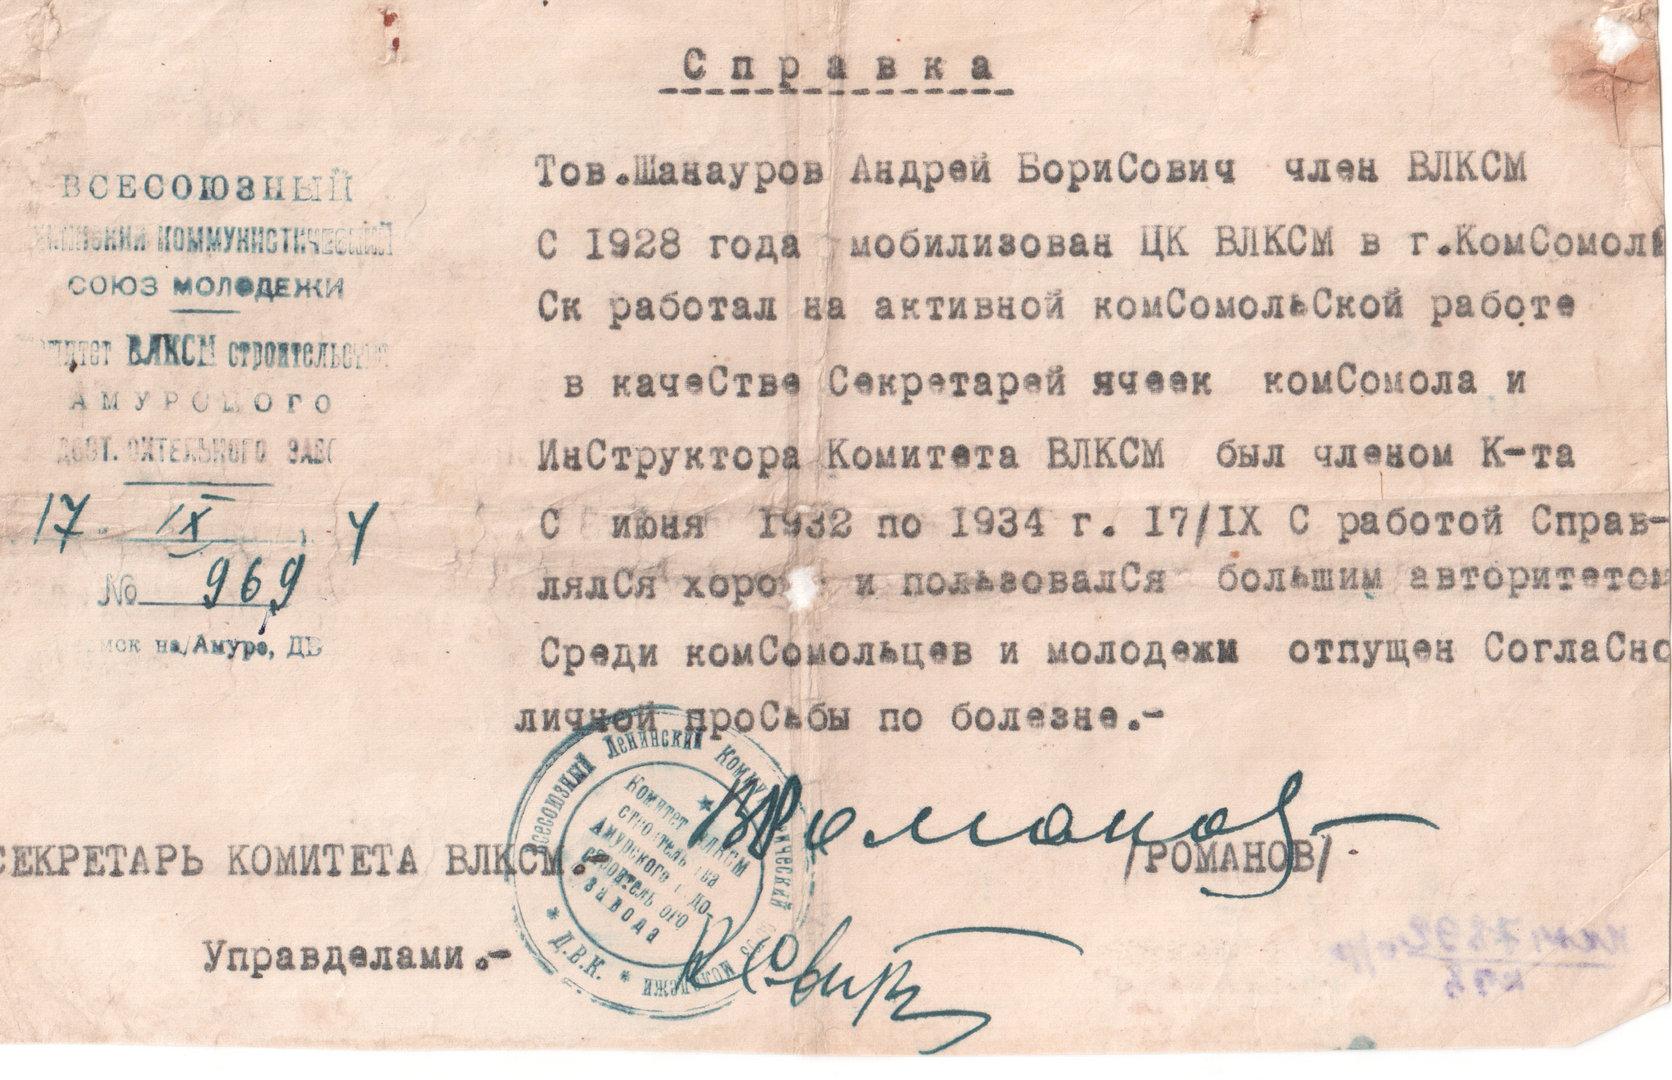 Справка №969 Шанаурова А.Б. о мобилизации ЦК ВЛКСМ в. г. Комсомольск-на-Амуре